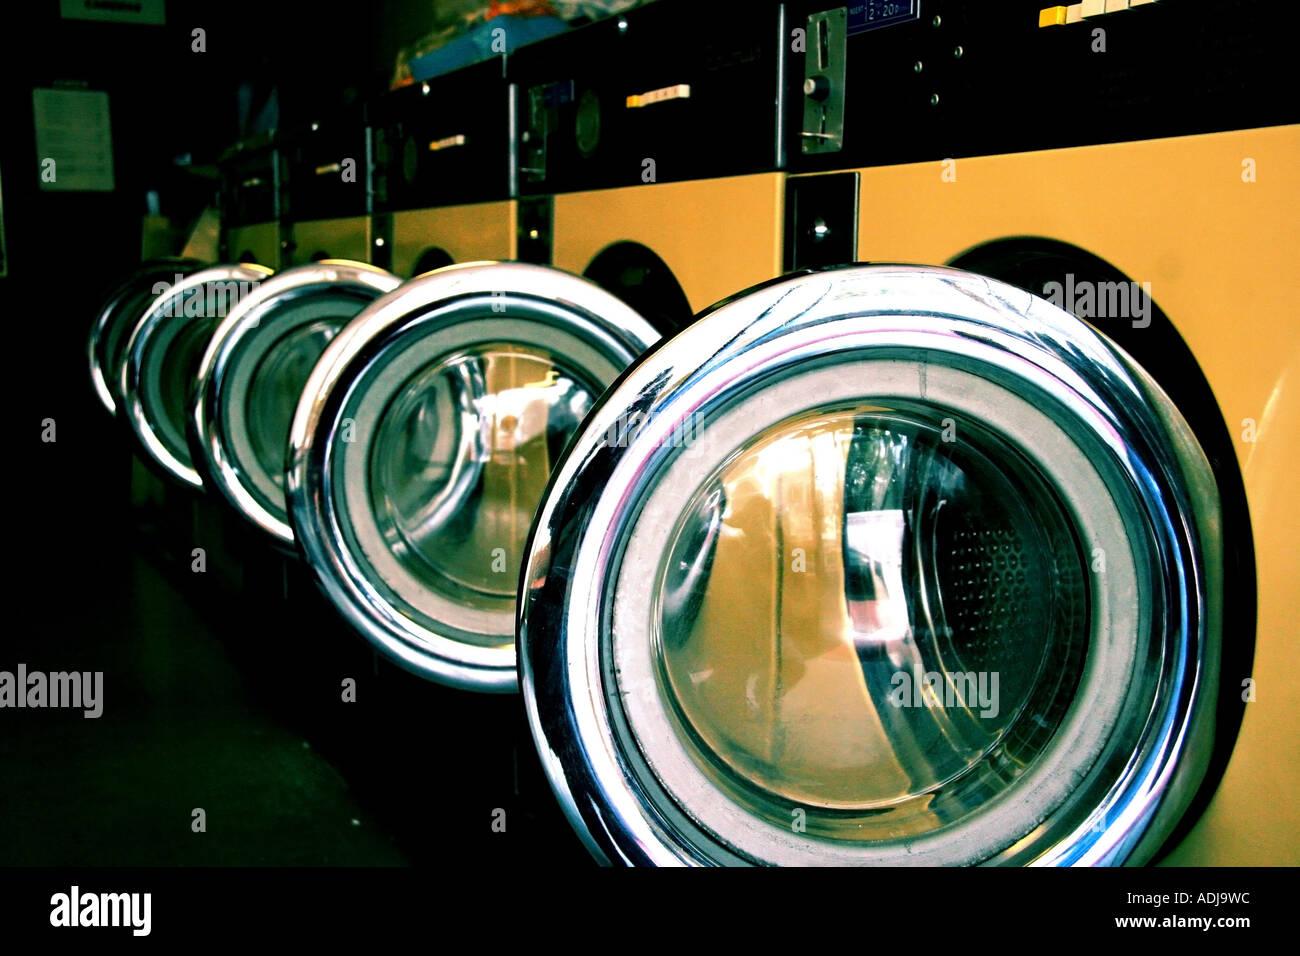 Empty Laundrette - Stock Image